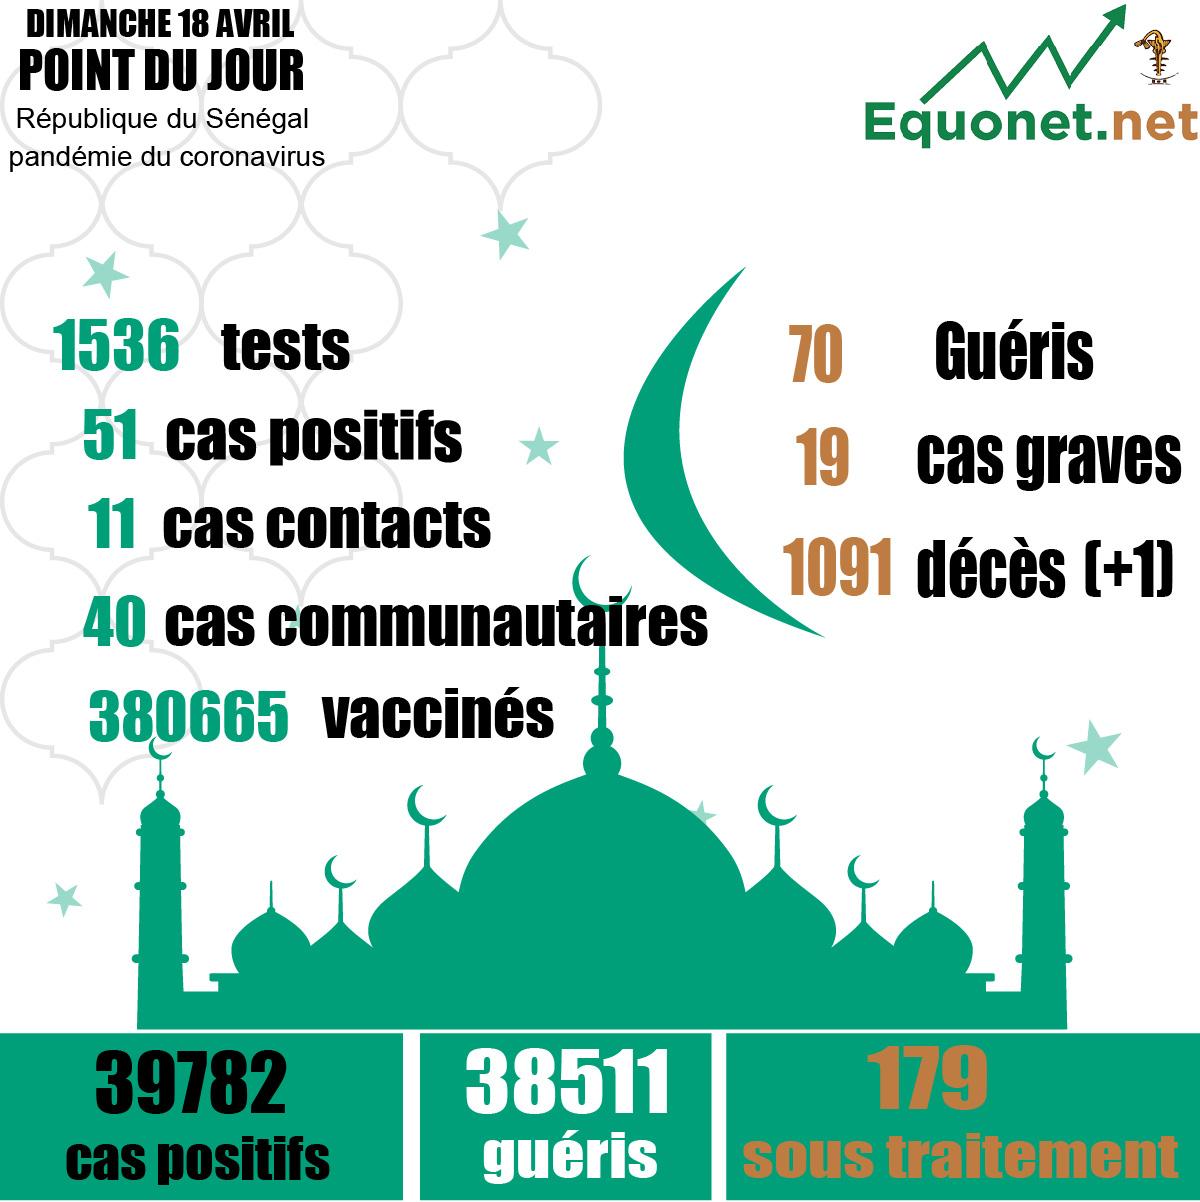 pandémie du coronavirus-covid-19 au sénégal : 40 cas communautaires et 01 décès enregistrés ce dimanche 18 avril 2021